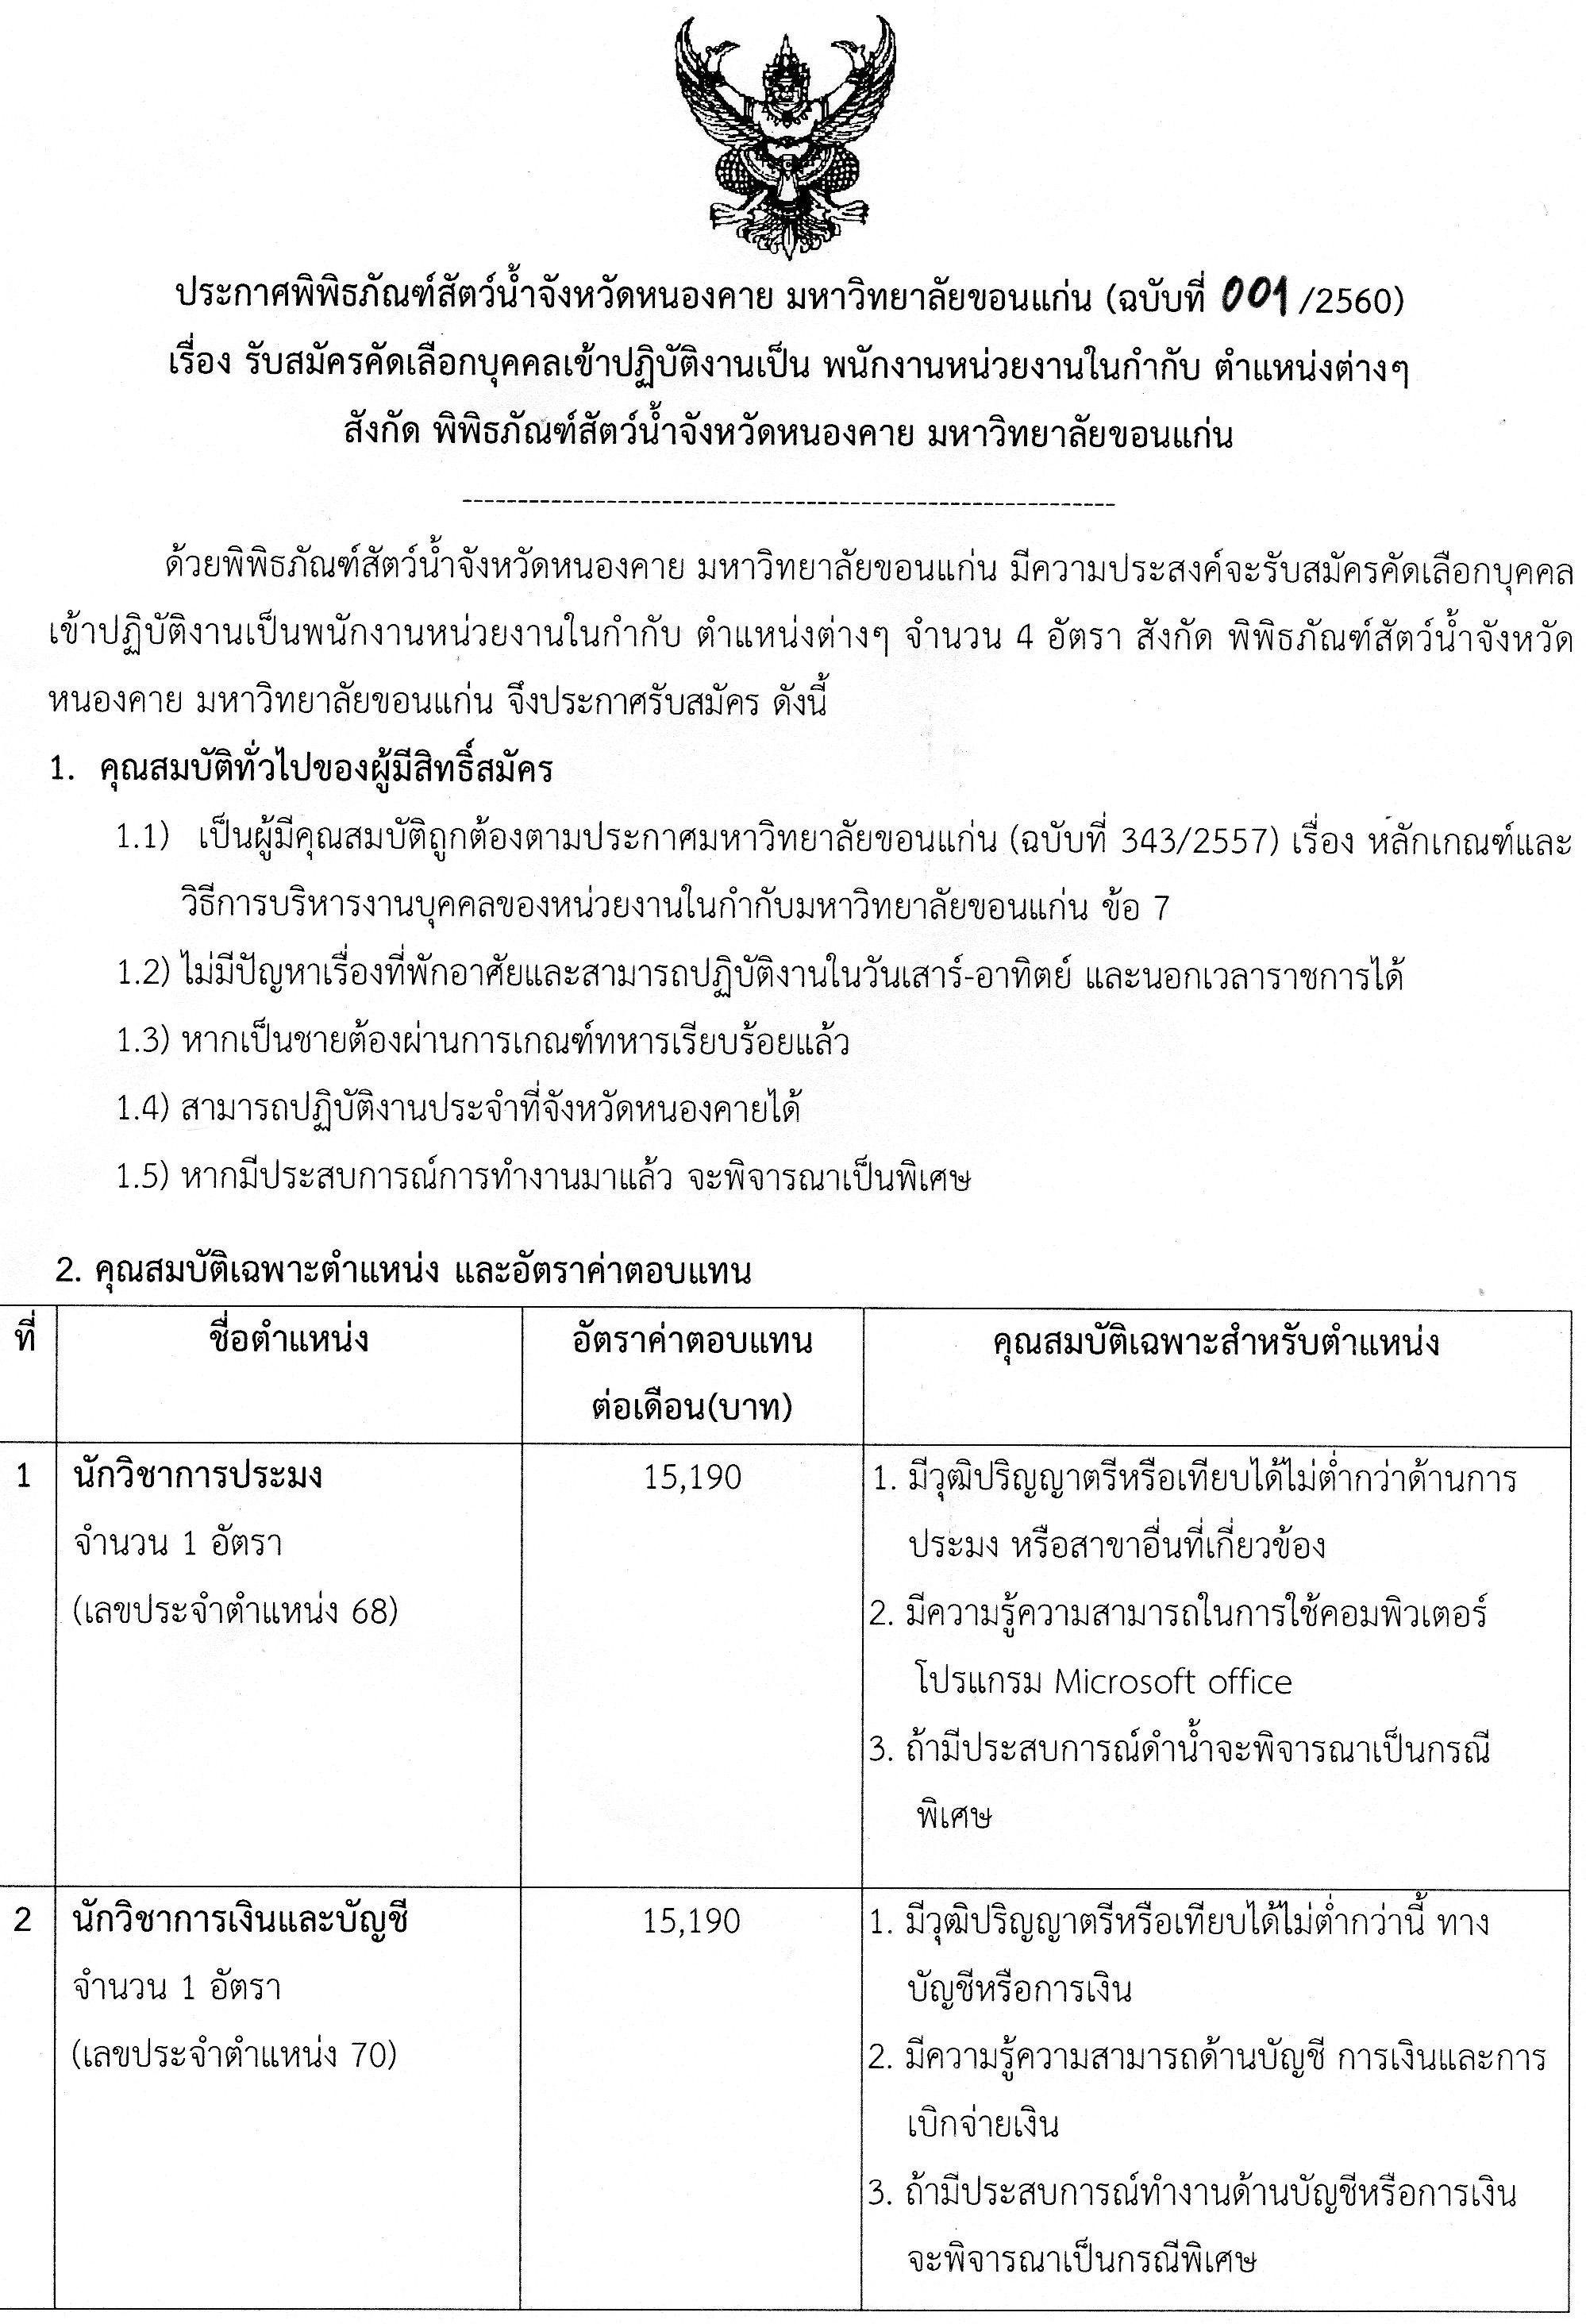 ประกาศรับสมัครคัดเลือกบุคคลเข้าปฏิบัติงาน พนักงานหน่วยงานในกำกับ สังกัดพิพิธภัณฑ์สัตว์น้ำจังหวัดหนองคาย ตั้งแต่วันที่ 5 กันยายน 2560 ถึงวันที่ 13กันยายน 2560